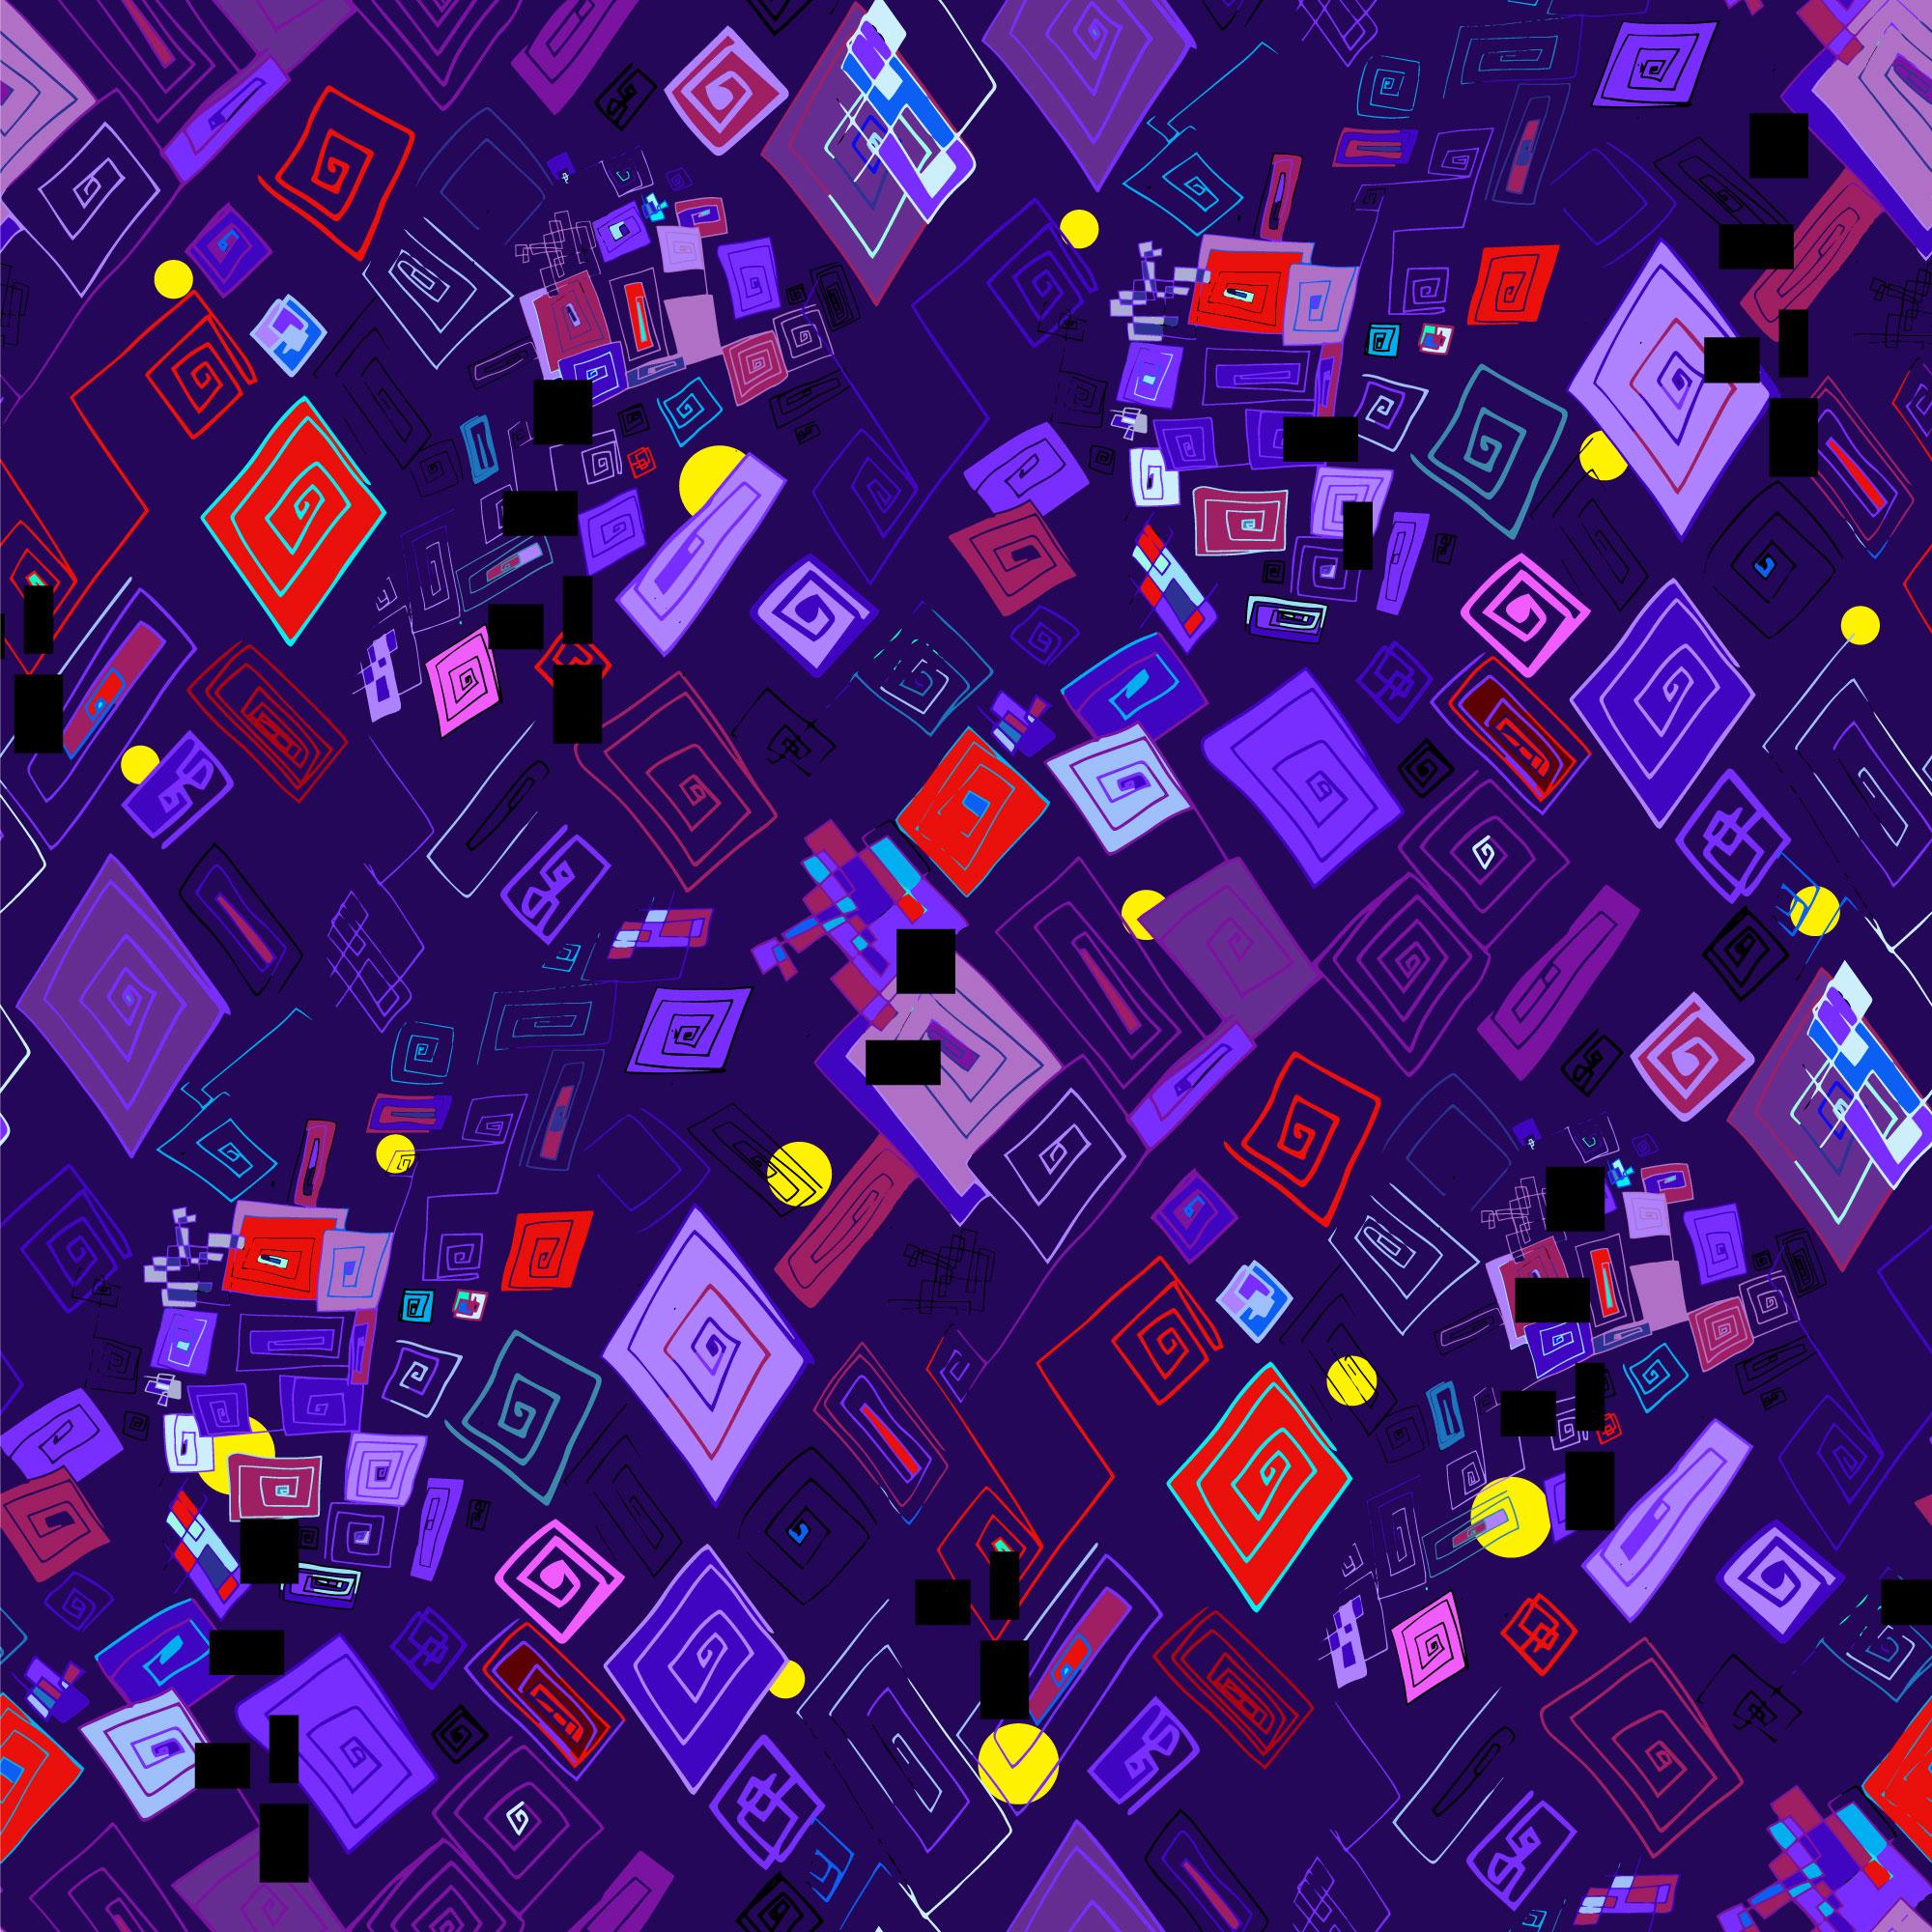 Mike-5-for-webby.jpg